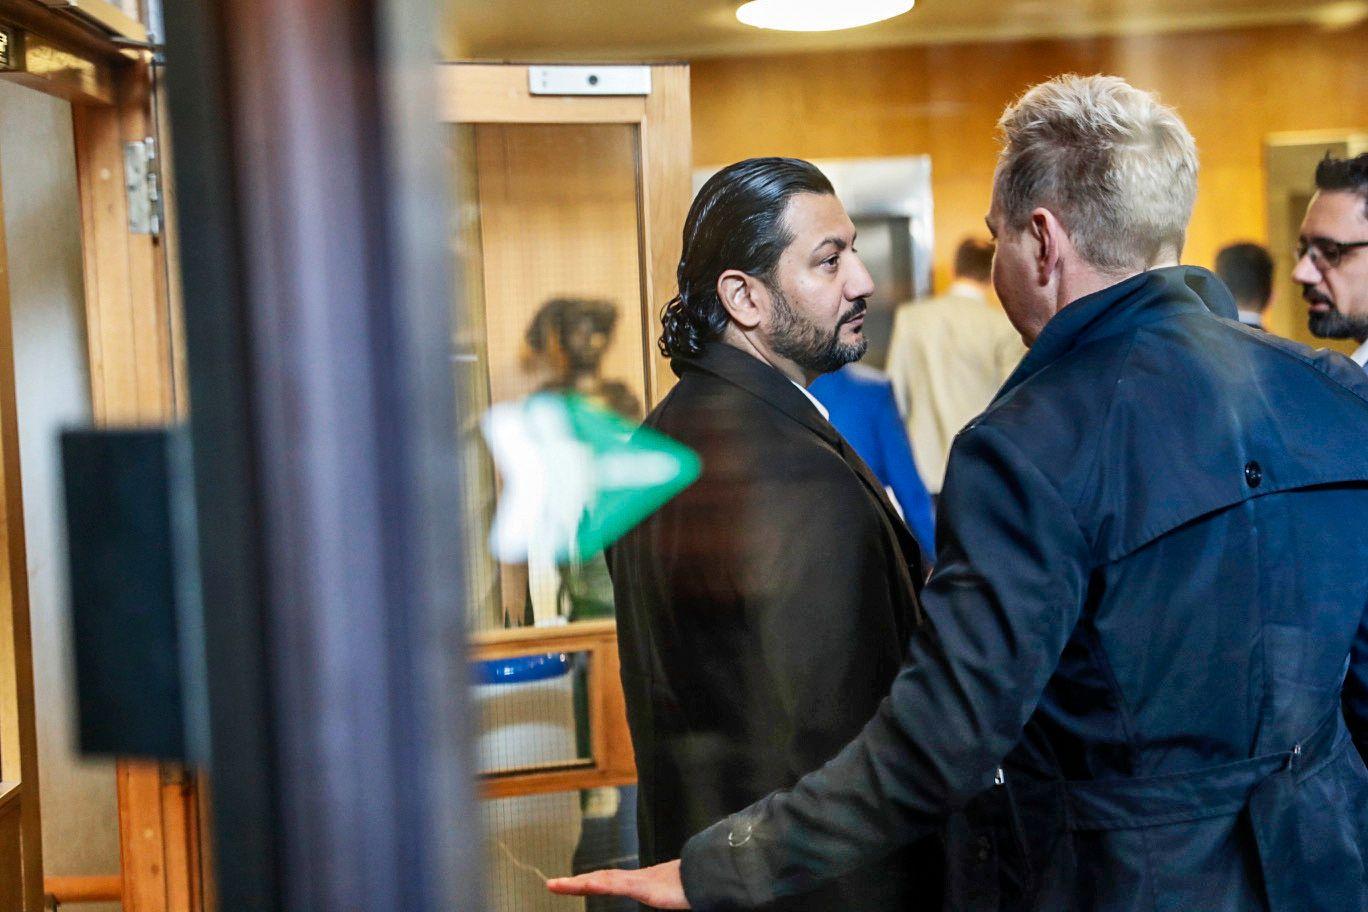 KONTROVERSIELL LEDER: Generalsekretær Mehtab Afsar i Islamsk Råd Norge på vei for å møte kulturministeren.